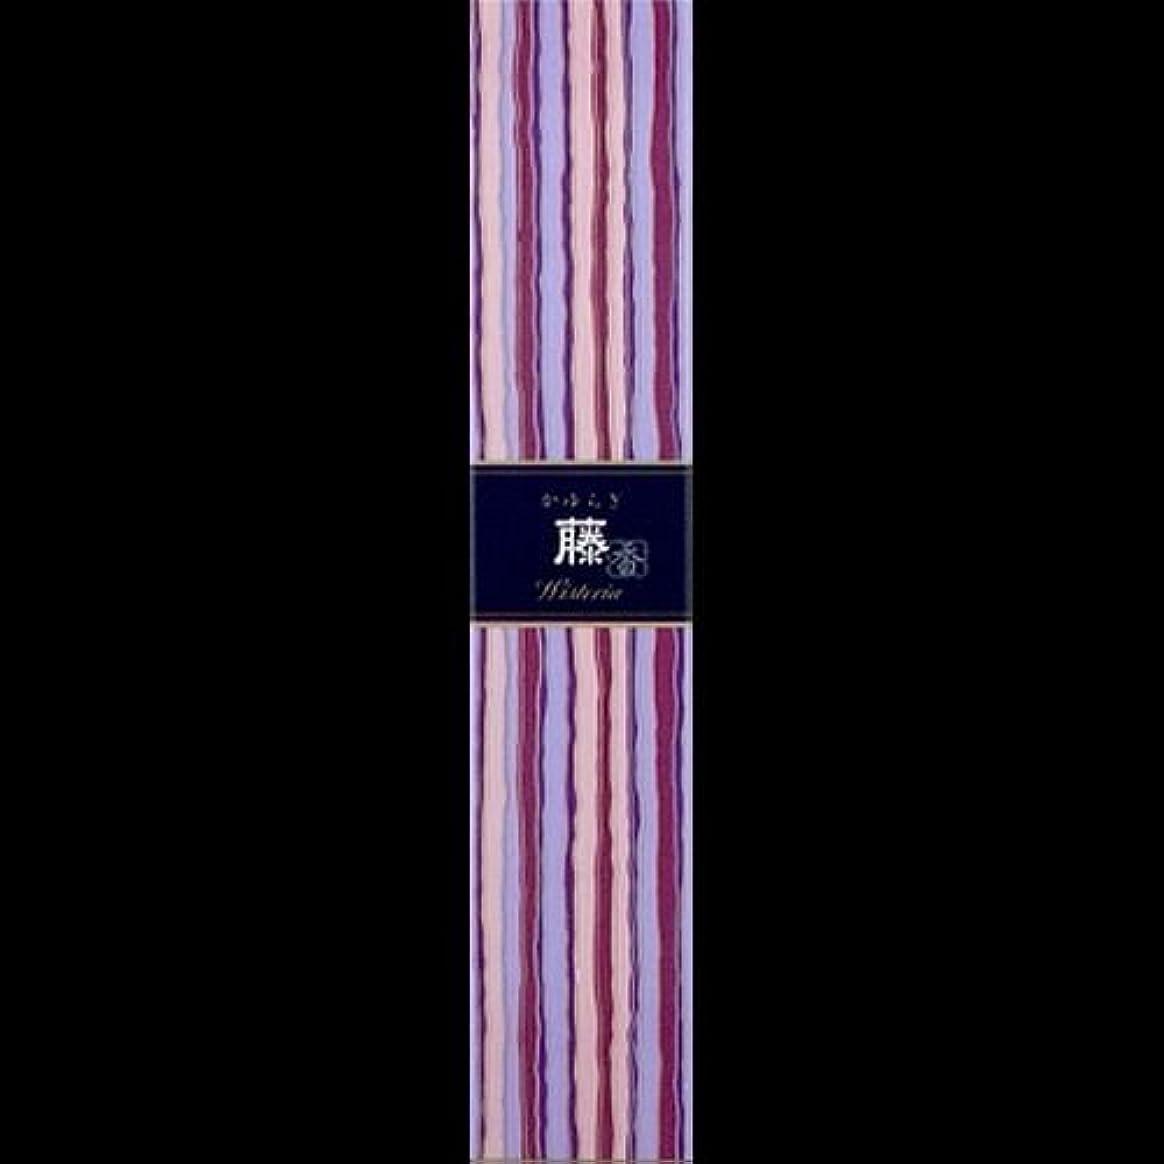 反動委任する太平洋諸島【まとめ買い】かゆらぎ 藤(ふじ) ×2セット